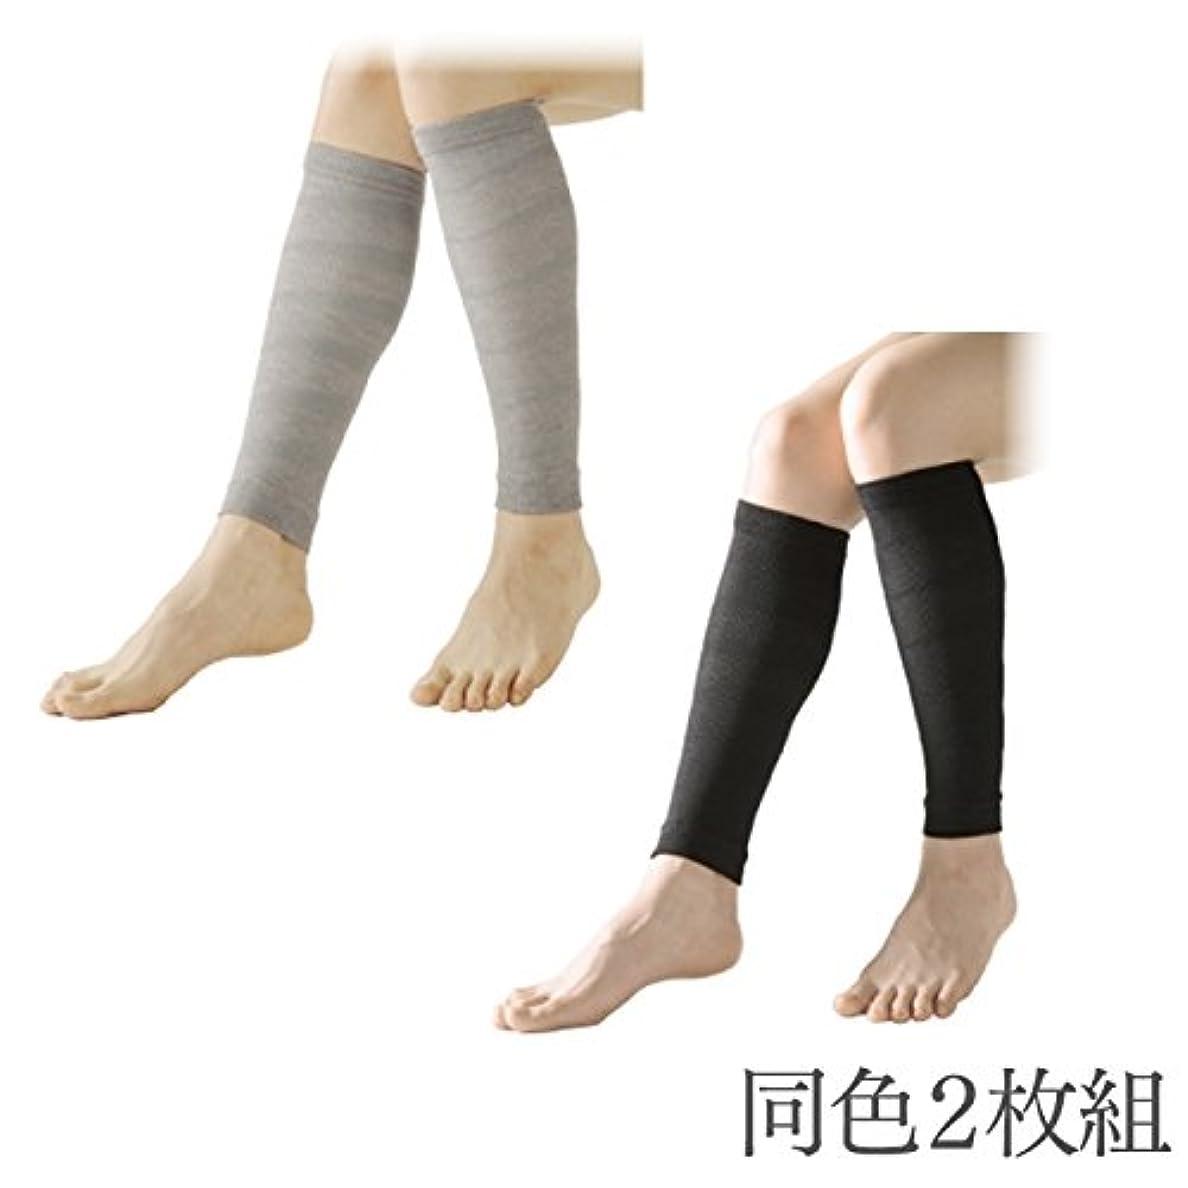 透ける侵入フィットネス着圧ソックス 足のむくみ 靴下 むくみ解消 着圧ふくらはぎサポーター 2枚組